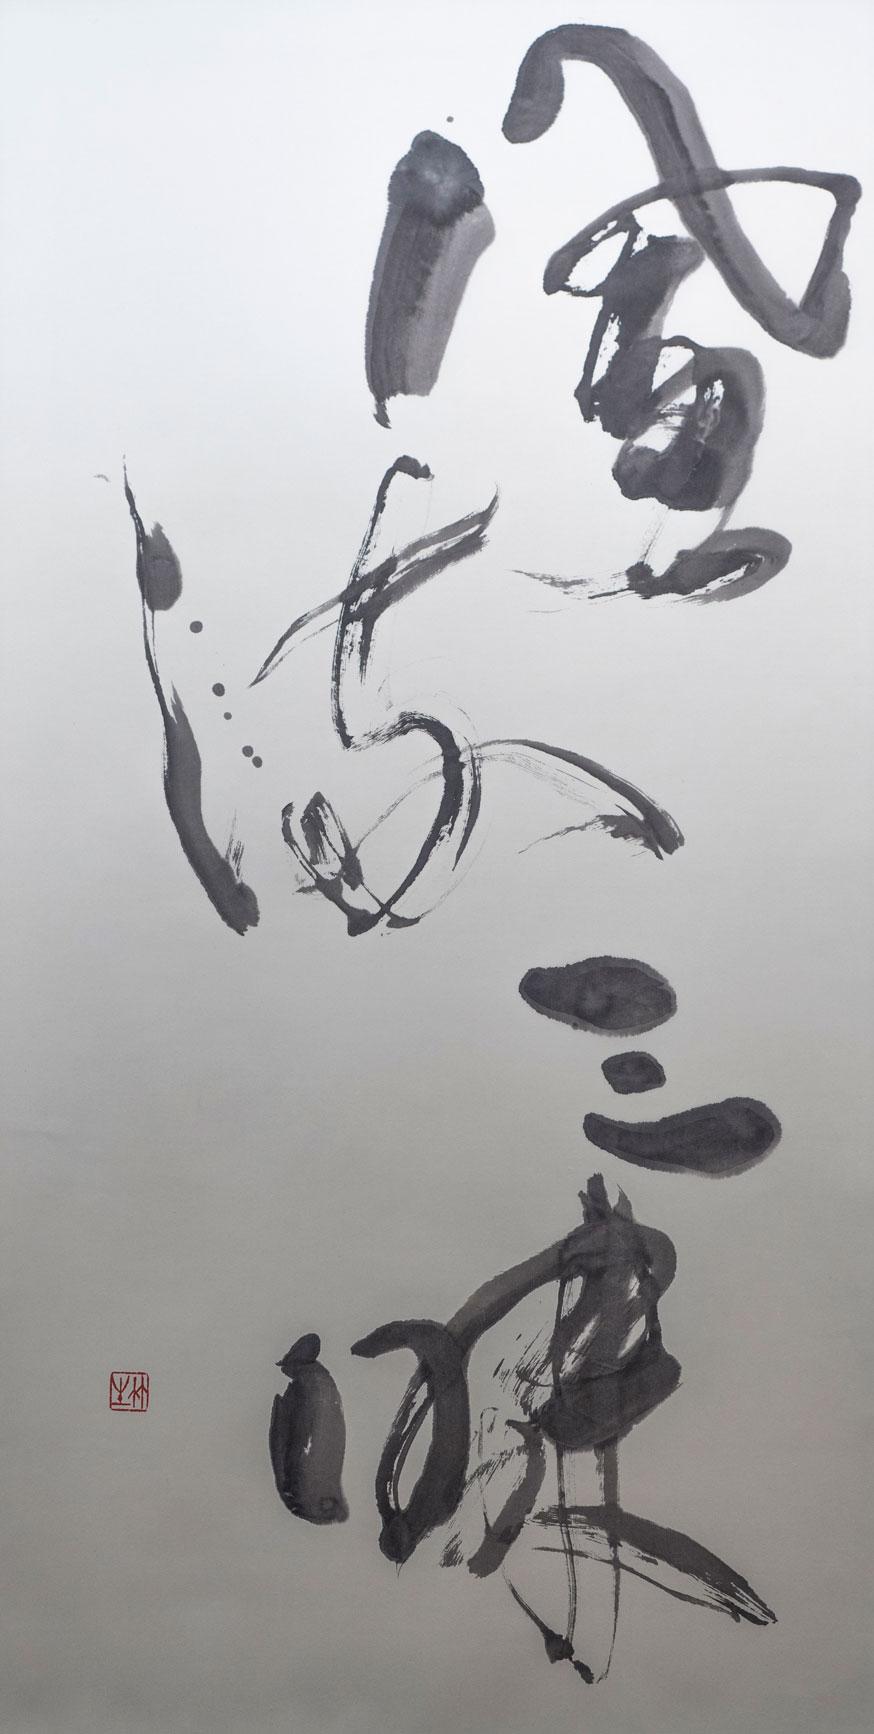 2017-jp-shodo-inspiration-647.jpg